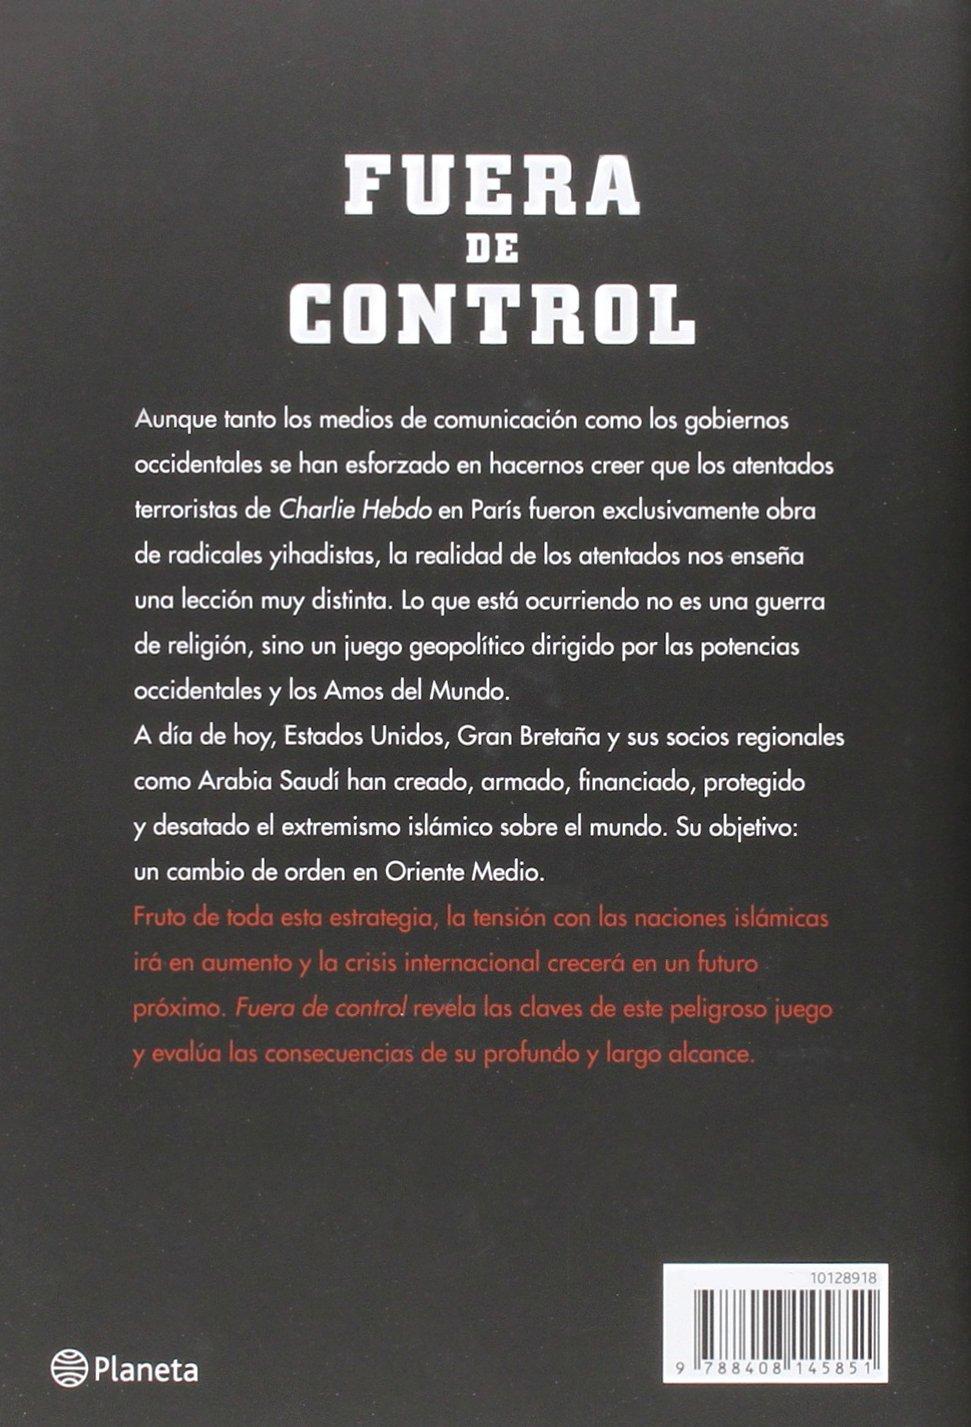 Fuera de control: Cómo Occidente creó, financió y desató el terror del Estado Islámico sobre el mundo No Ficcion: Amazon.es: Daniel Estulin: Libros